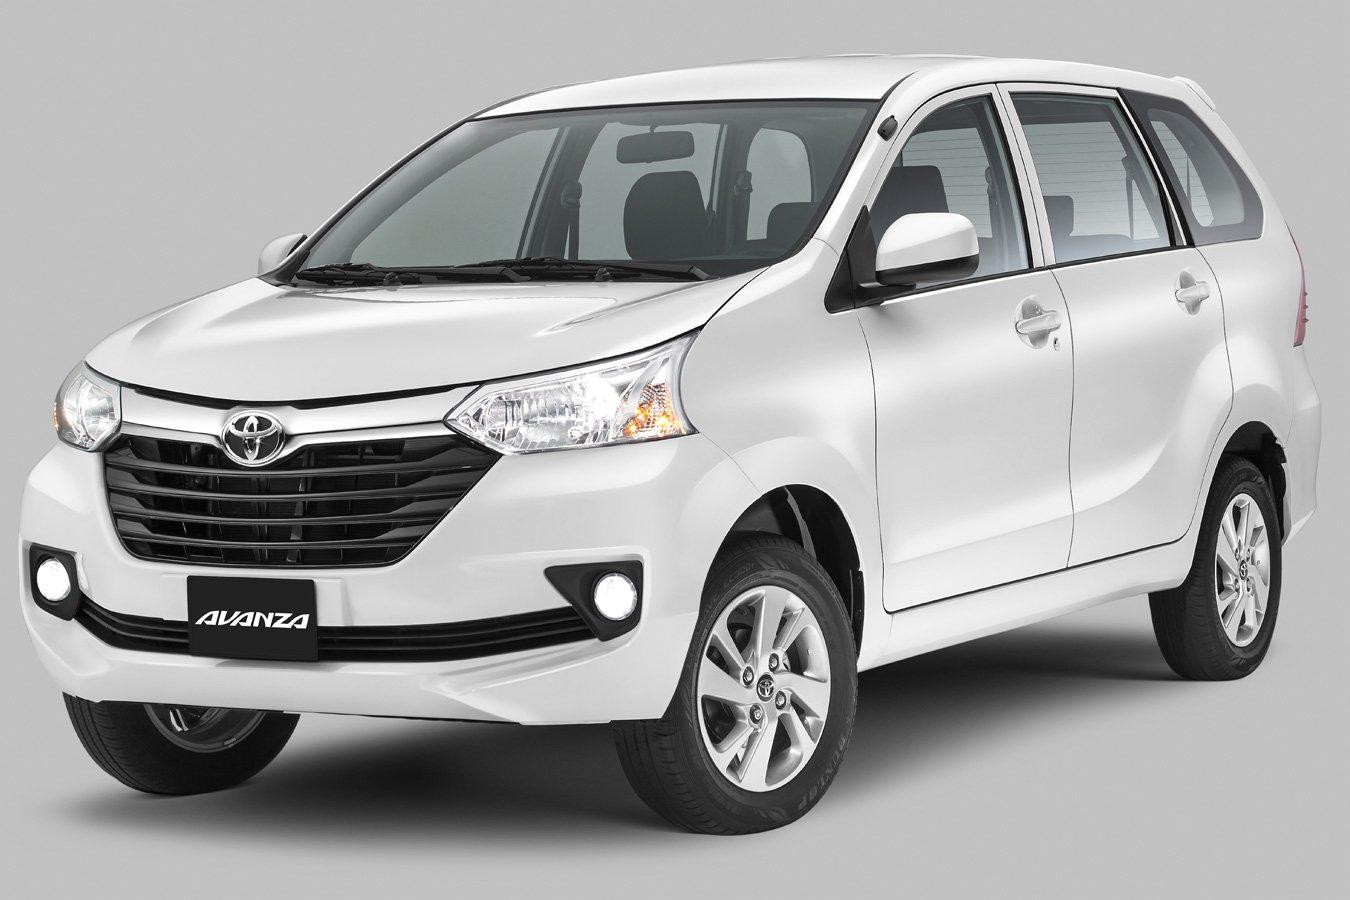 Toyota Avanza 2019 XLE tiene un diseño un tanto más conservador y tradicional